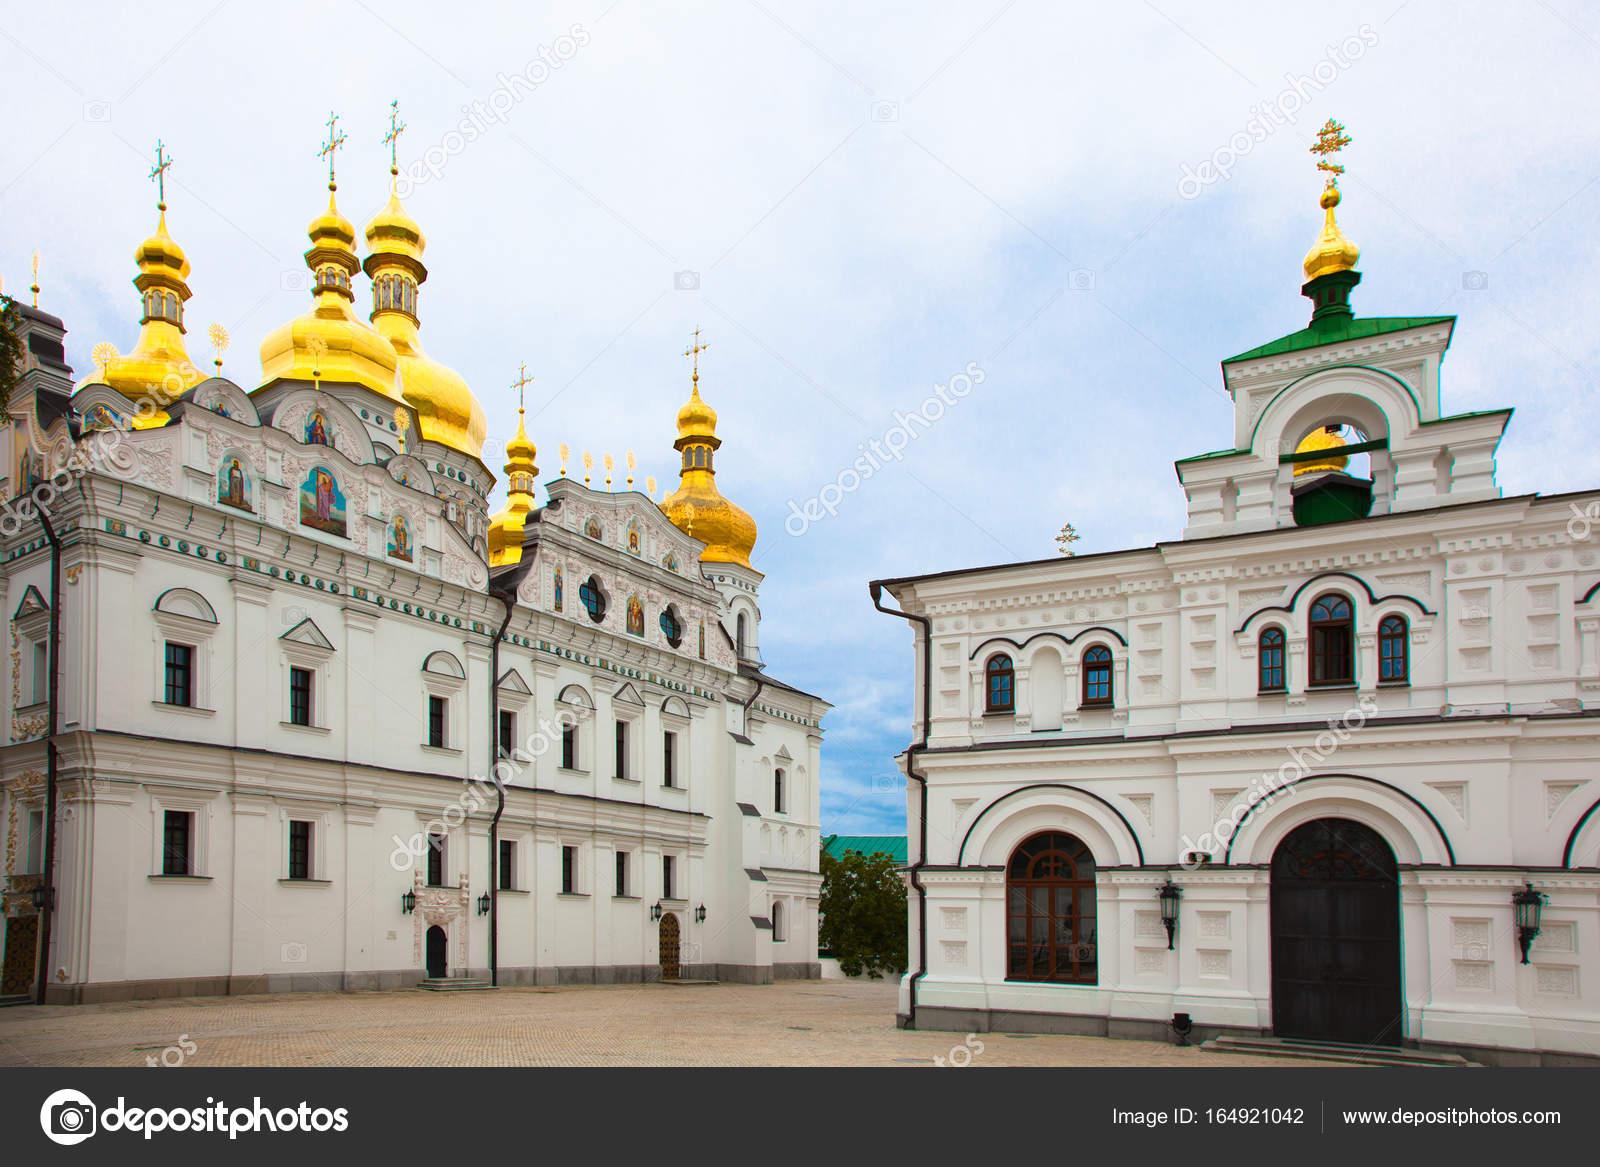 キエフ・ペチェールシク大修道院の画像 p1_21